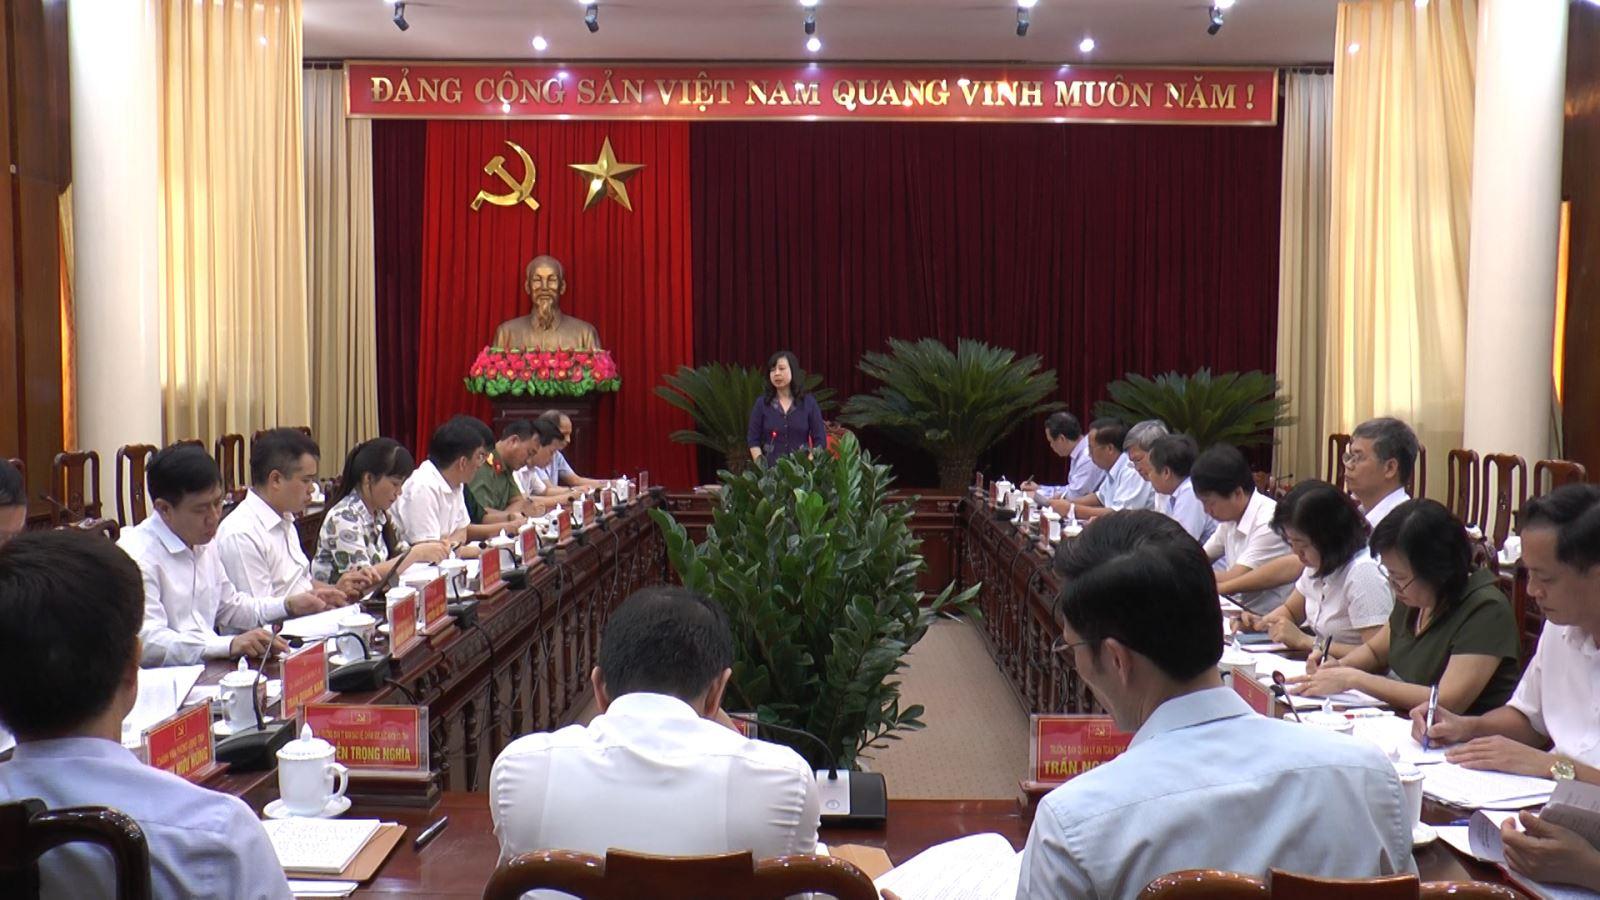 Rà soát công tác tổ chức phục vụ Đại hội Đảng bộ nhiệm kỳ 2020 - 2025